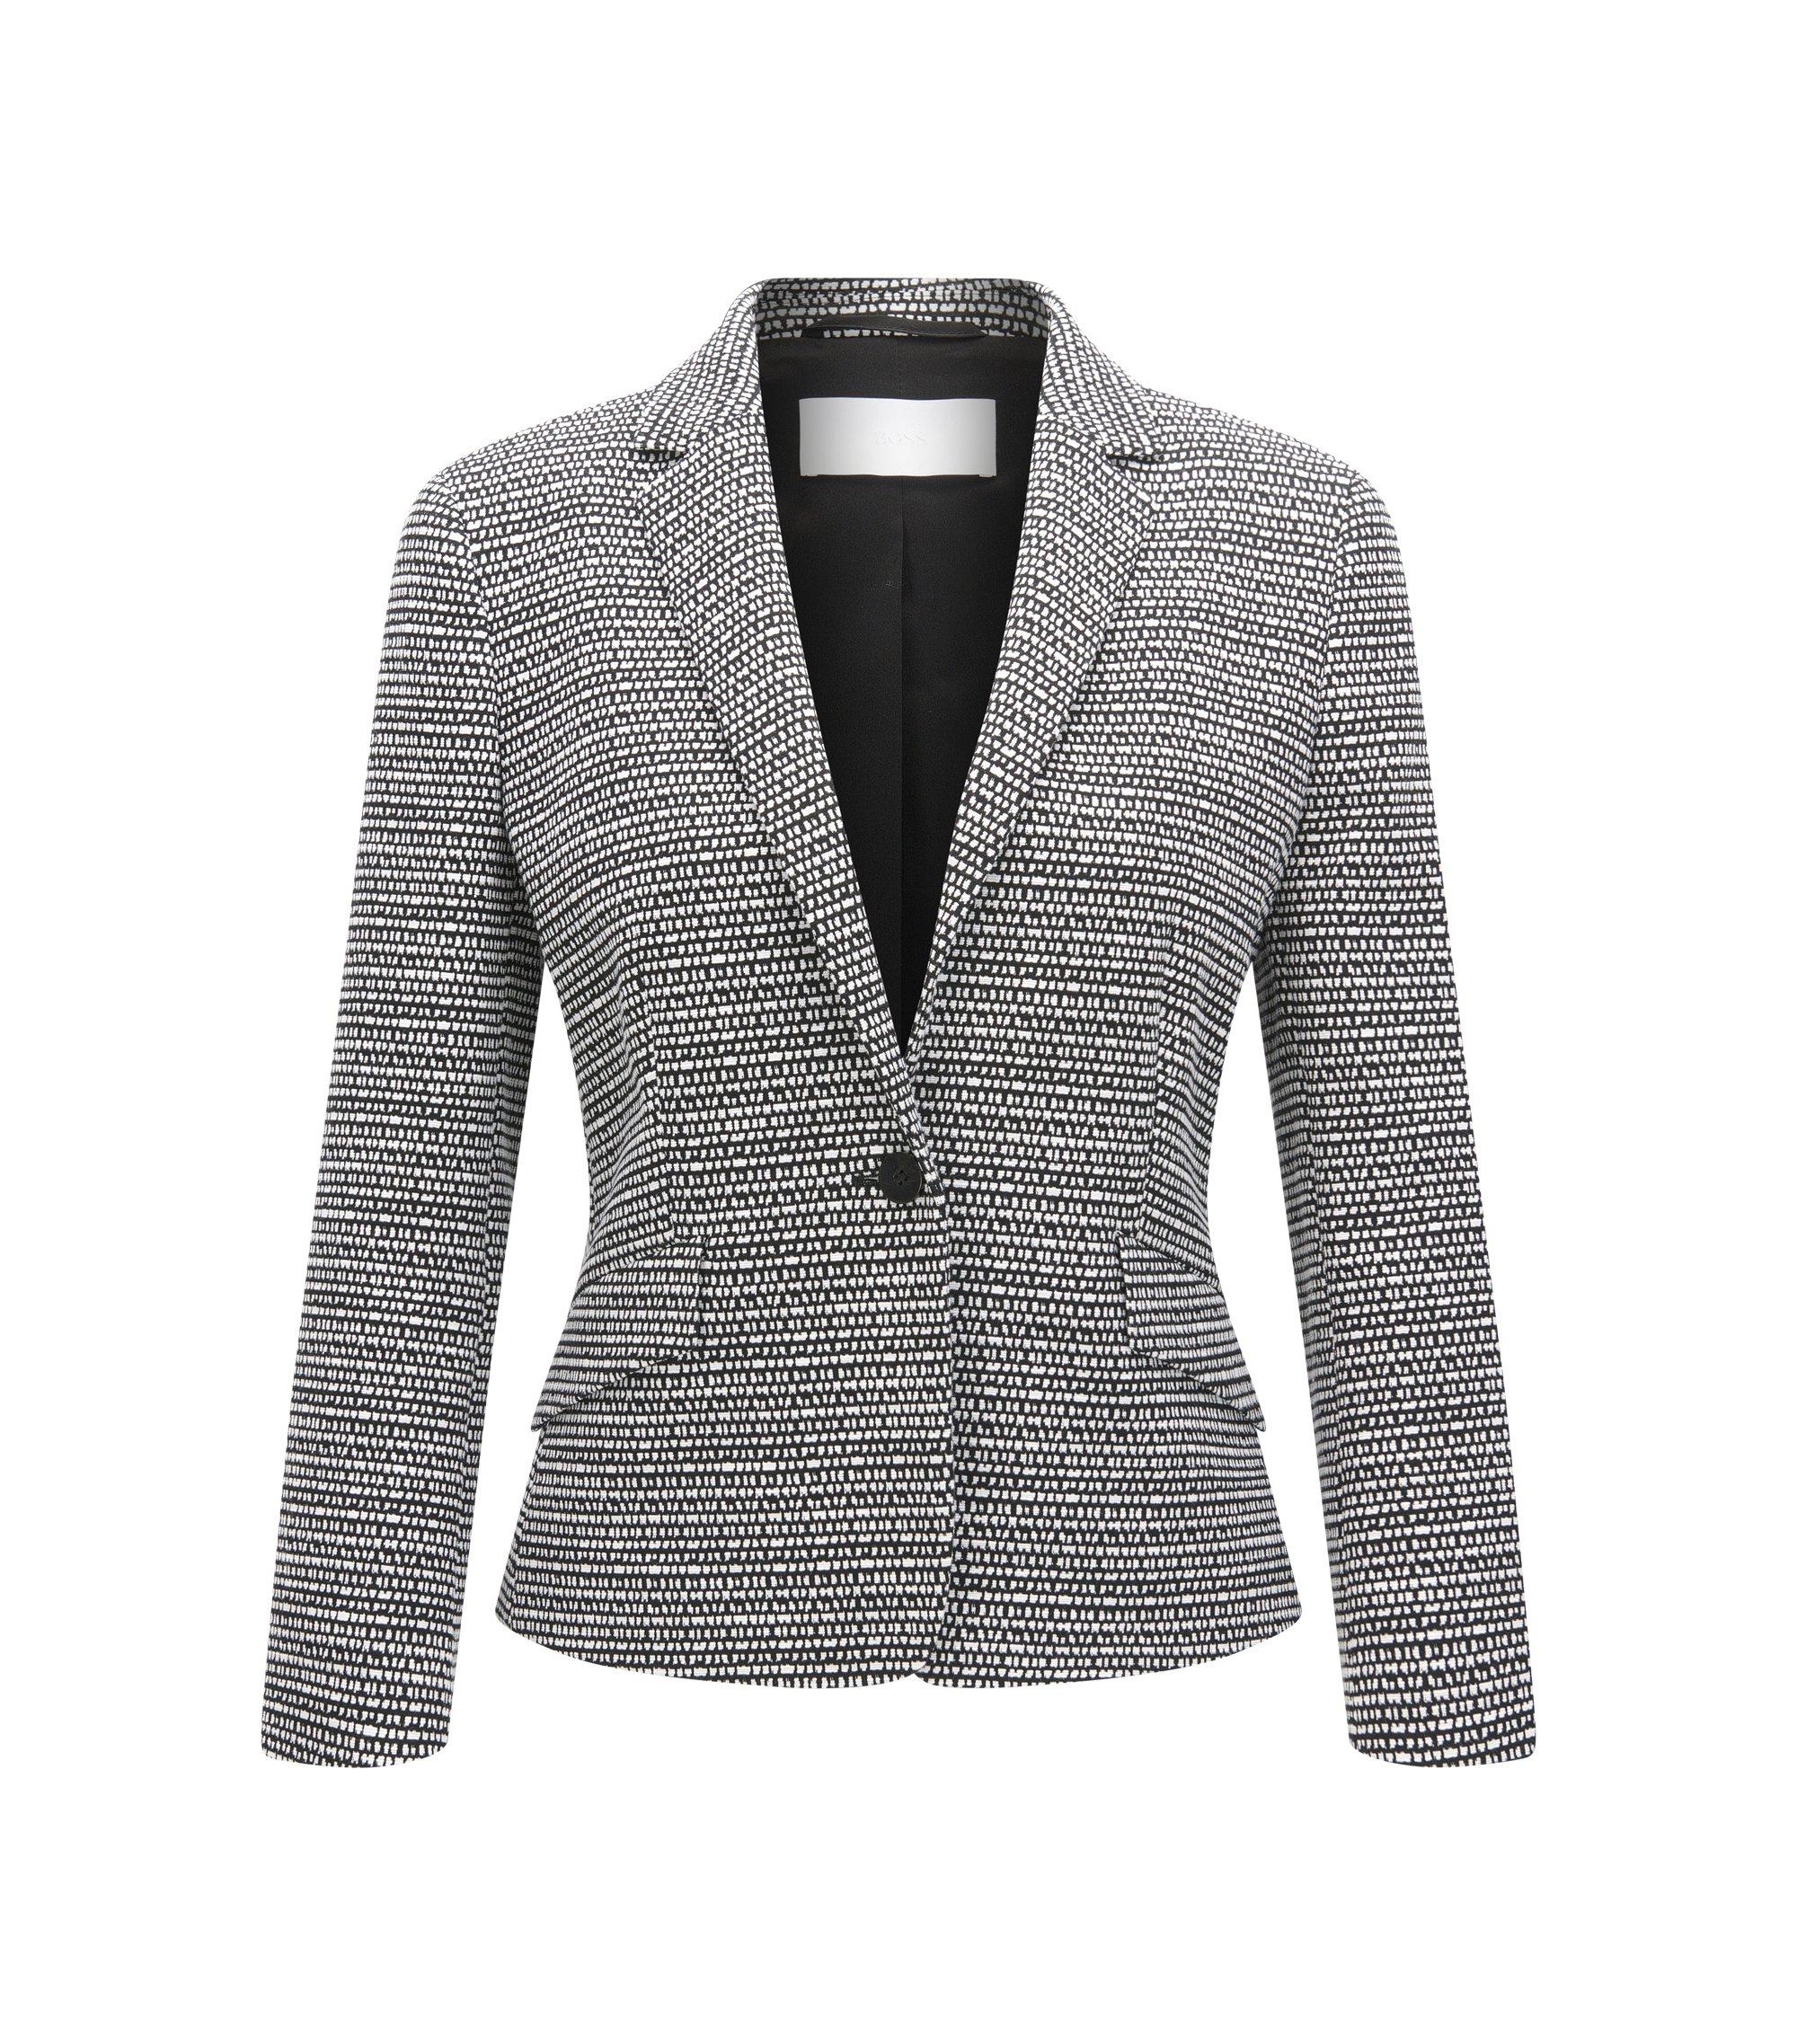 Bouclé Jacket | Katemika, Patterned